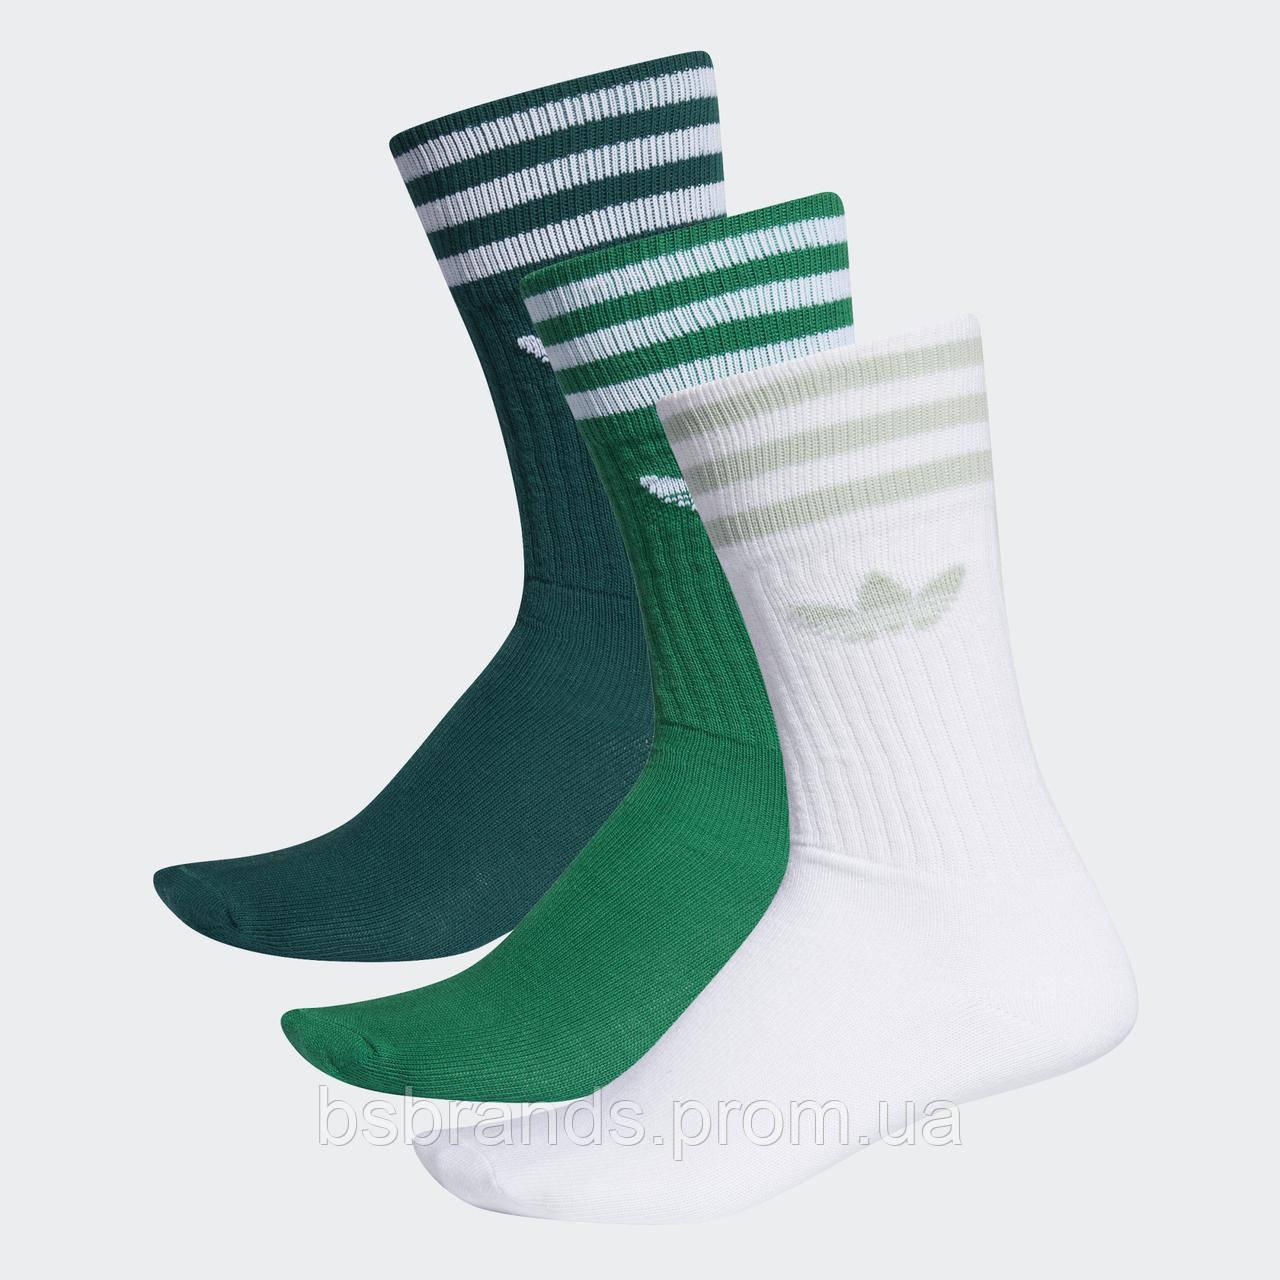 Спортивные носки Adidas ED9362 (2020/1)